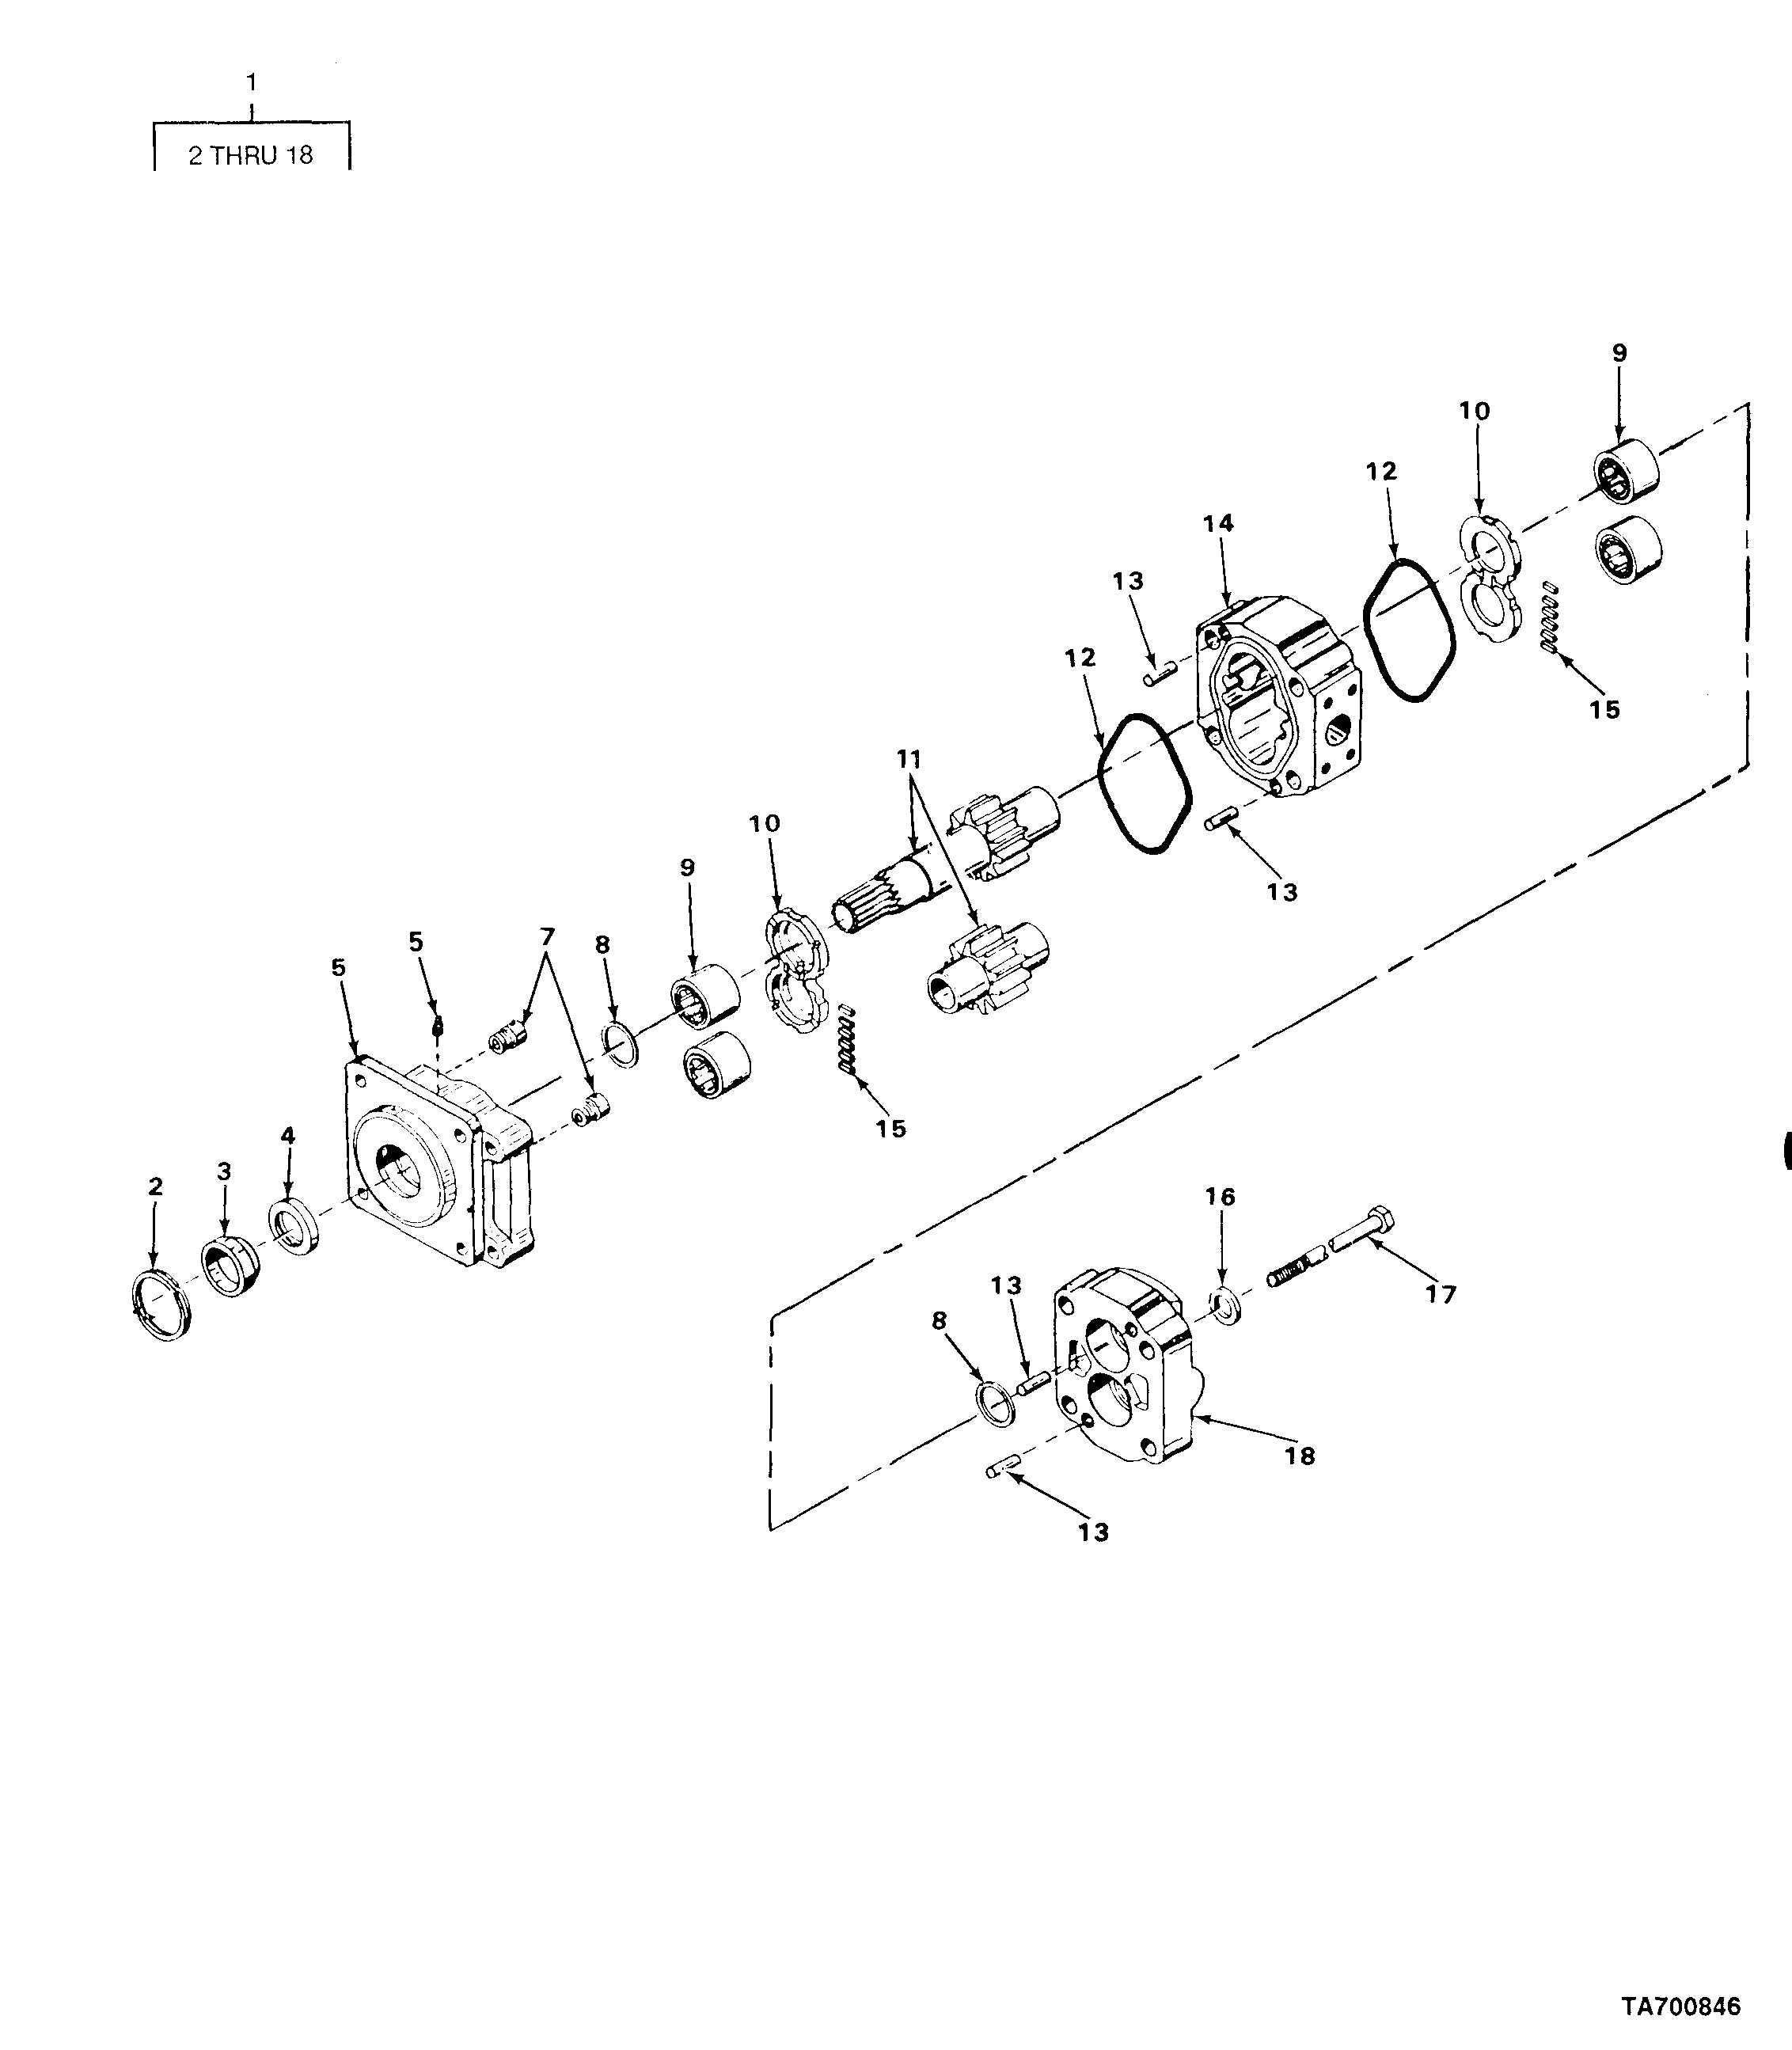 FIGURE 111. HOIST MOTOR ASSEMBLY